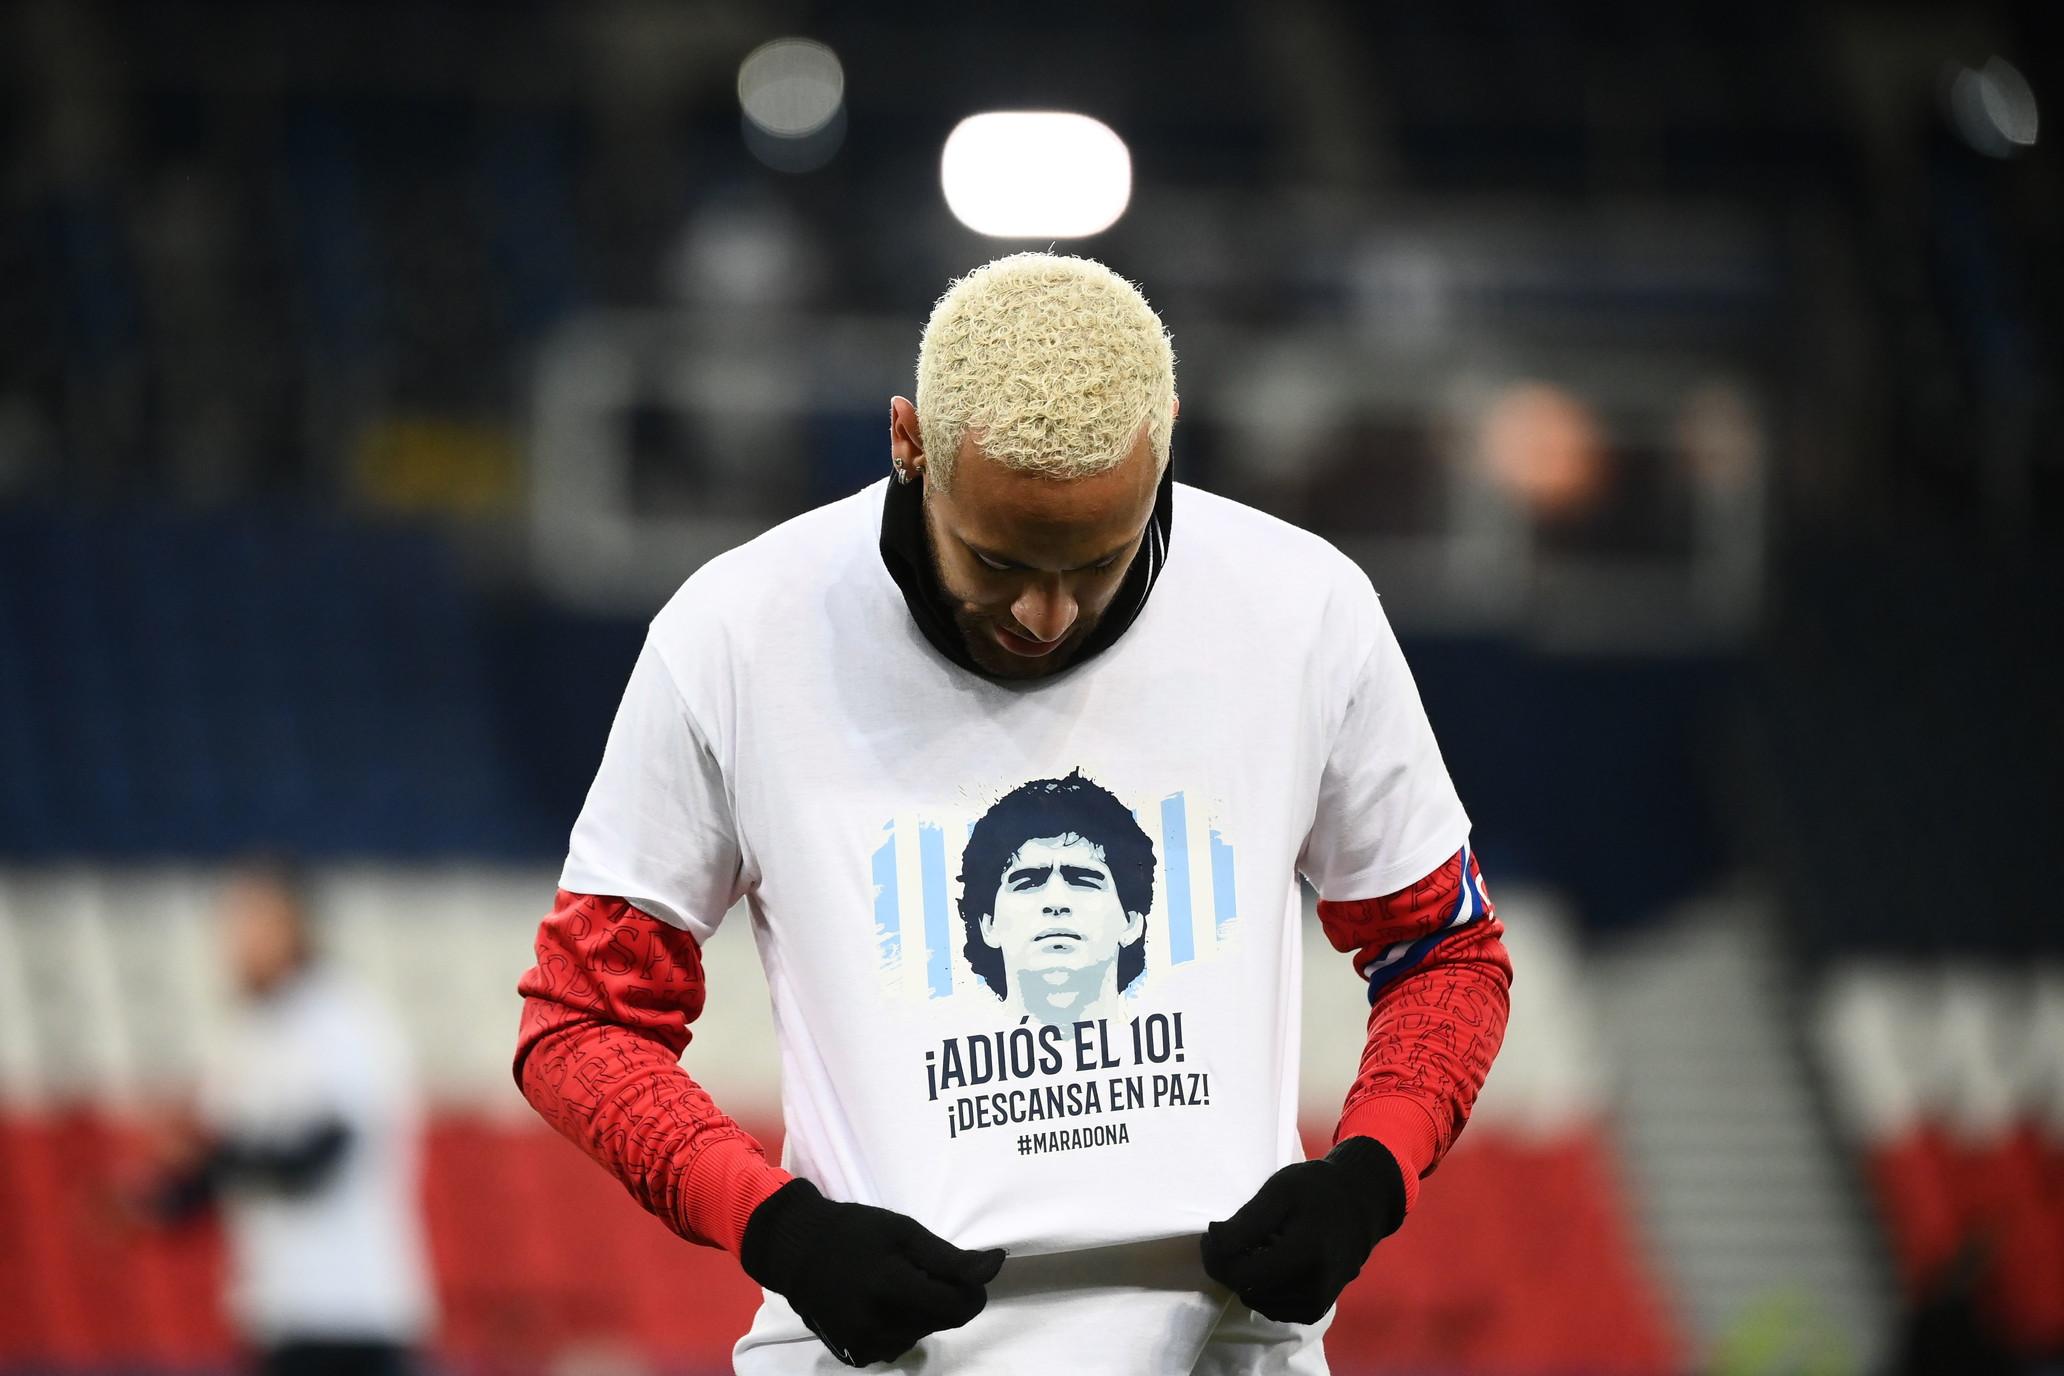 Le due squadre a formare una M in mezzo al campo nel minuto di silenzio. Neymar e compagni con una maglietta con il volto del Pibe de oro.&nbsp;<br /><br />